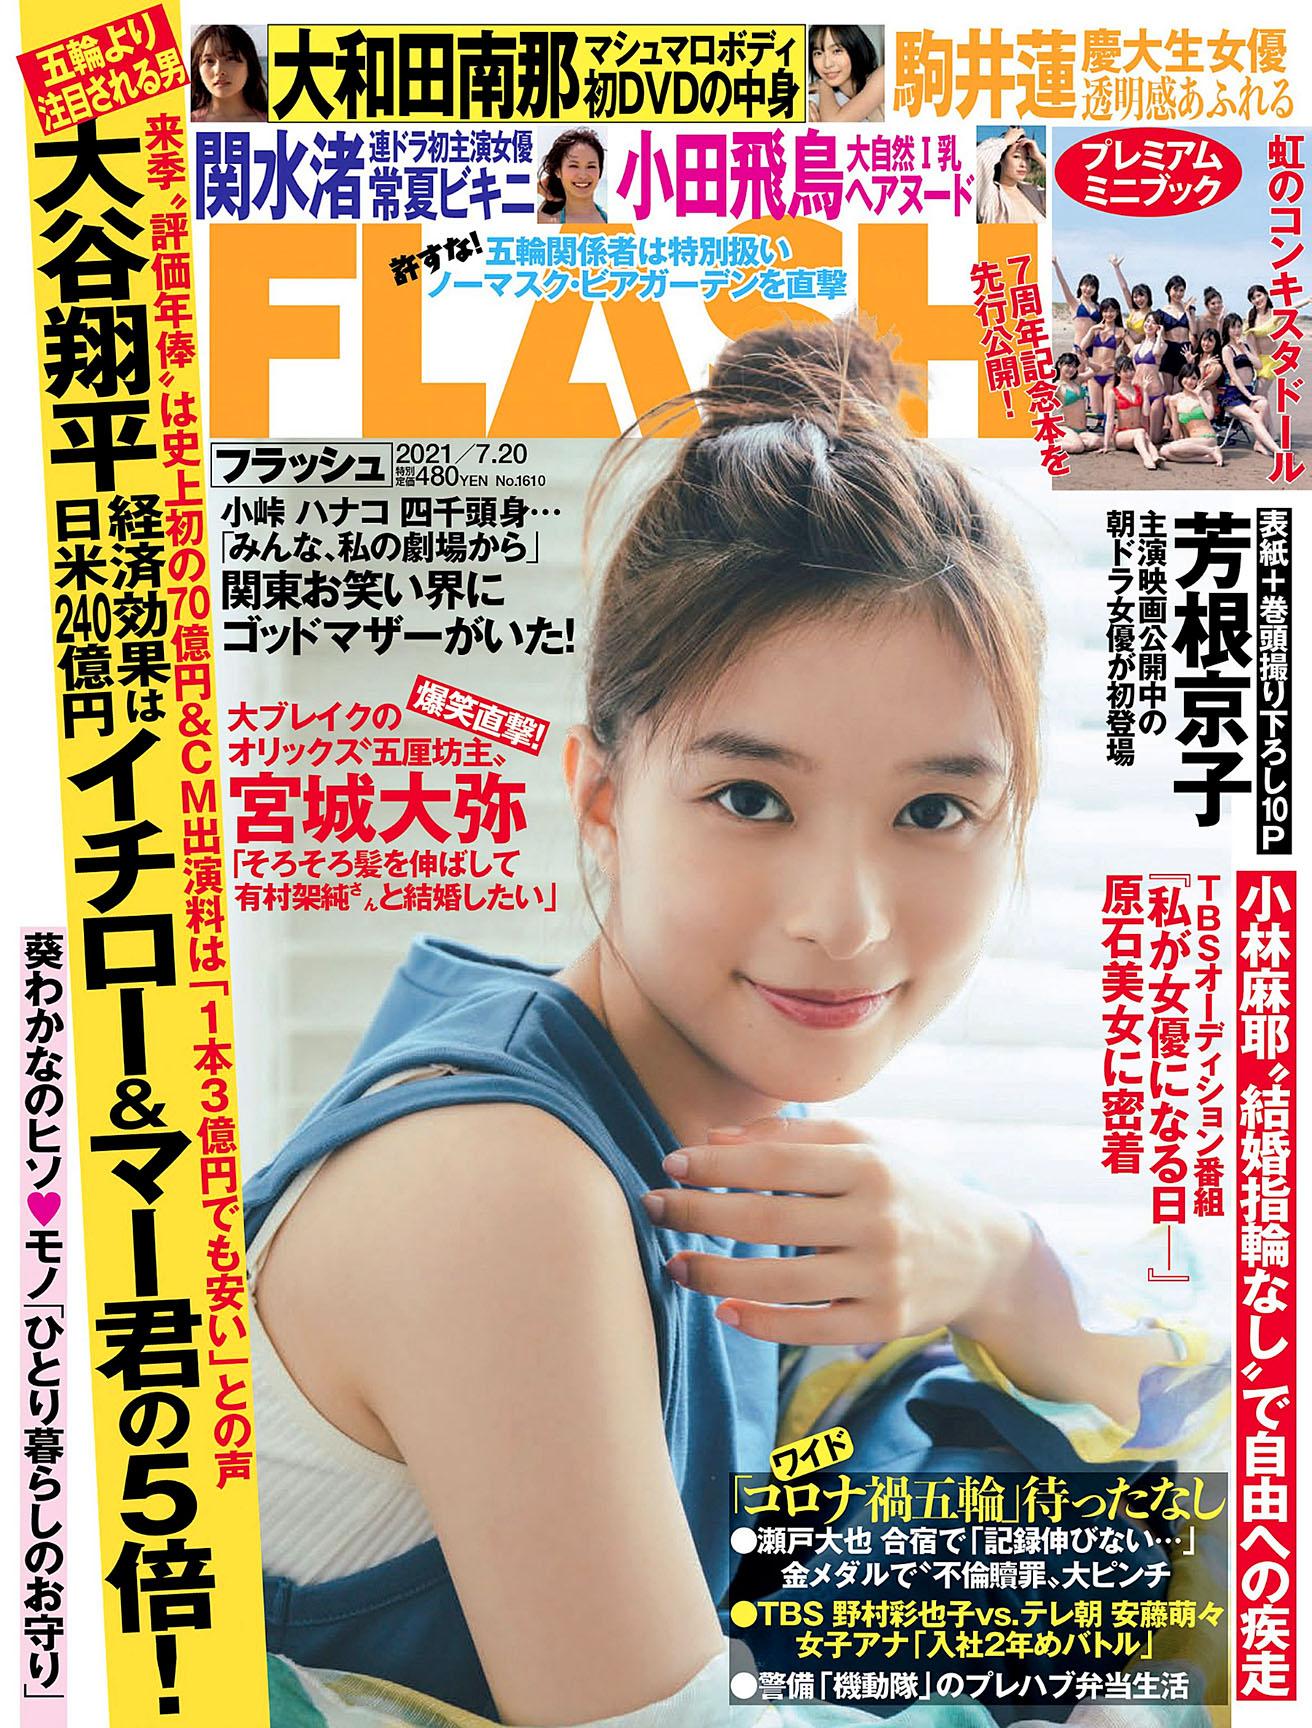 Yoshine Kyoko Flash 210720 01.jpg